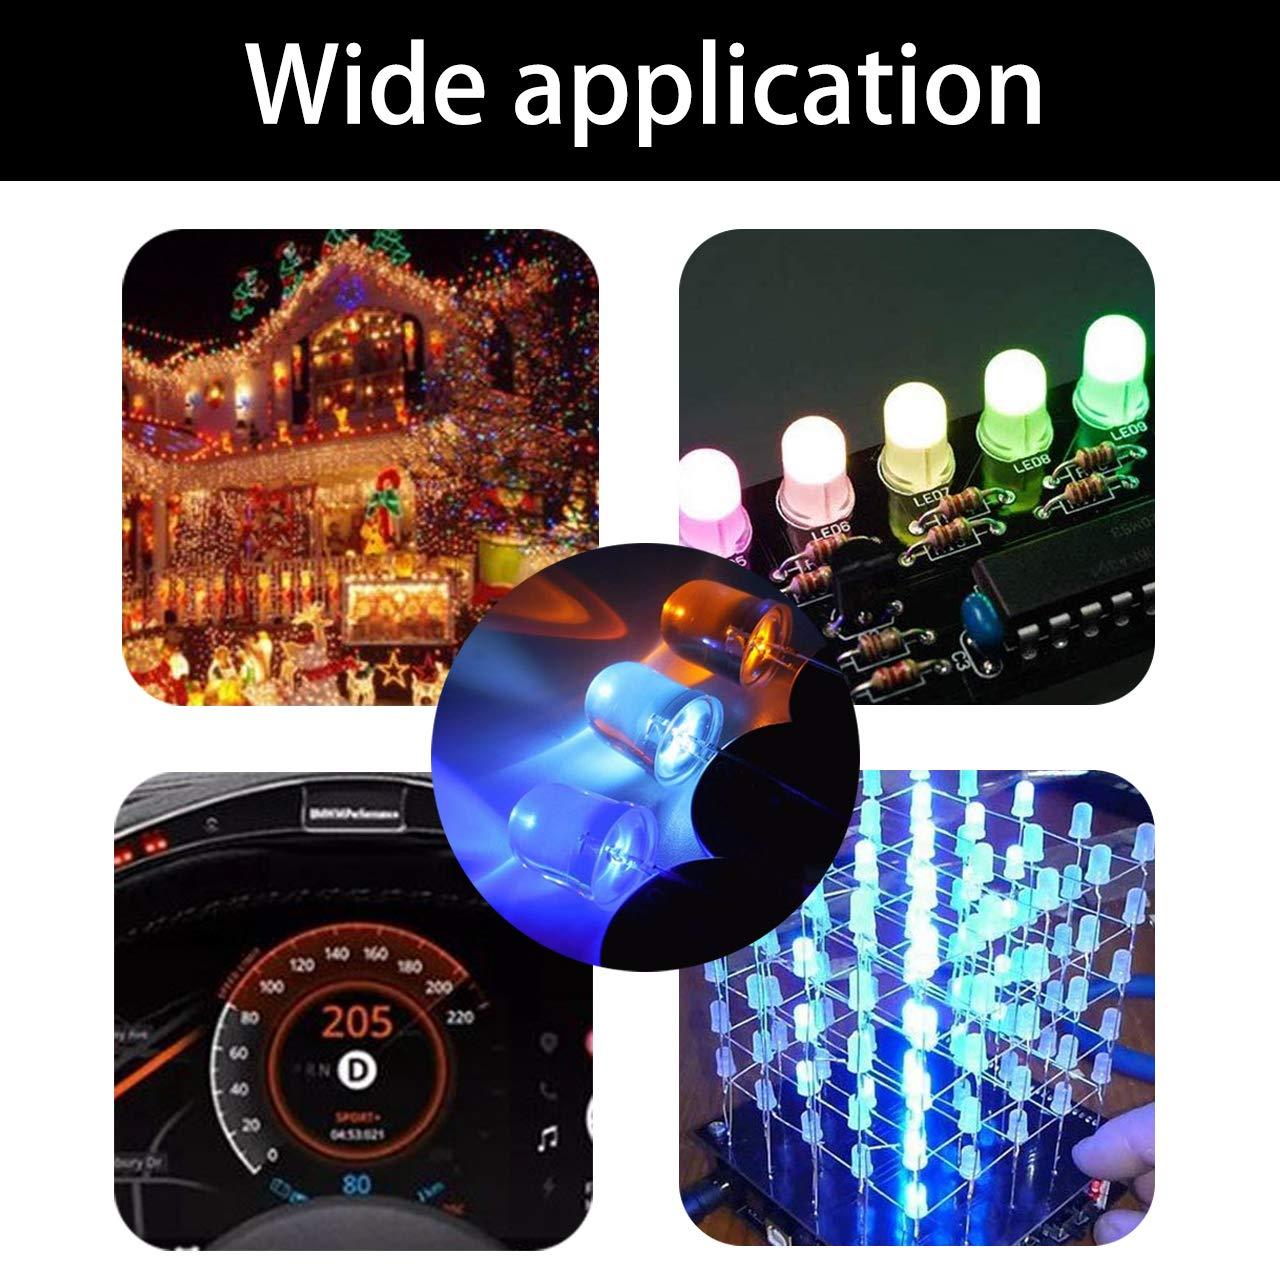 TONGXU Lot de 500 diodes LED 5 mm ultra-lumineuses multicolores pour /émetteurs de lumi/ères LED Composants /électroniques ronds Vert Rouge Blanc Bleu Jaune